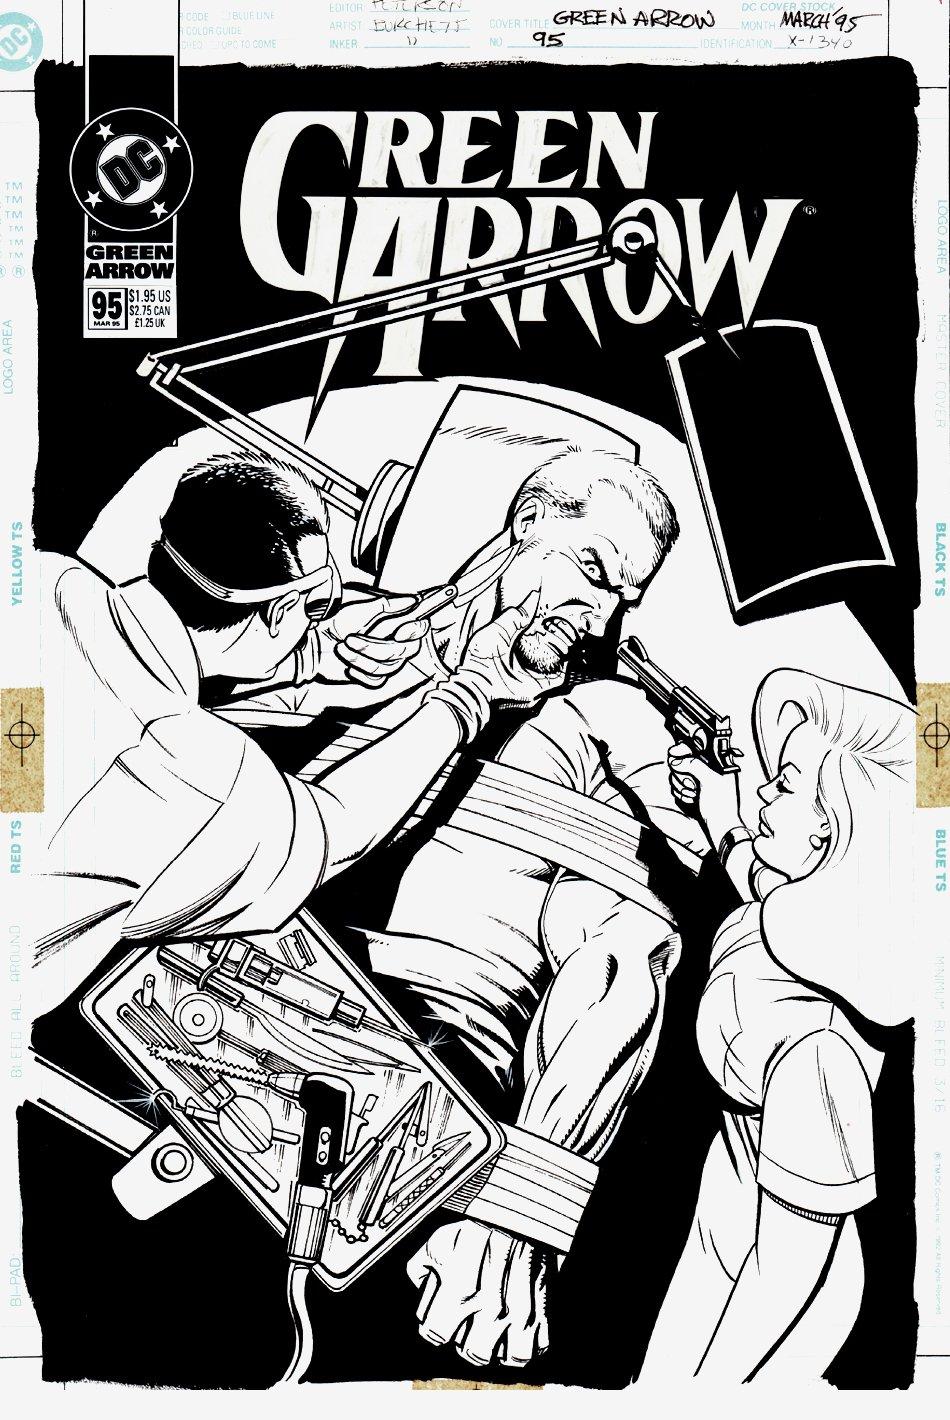 Green Arrow #95 Cover (1994)